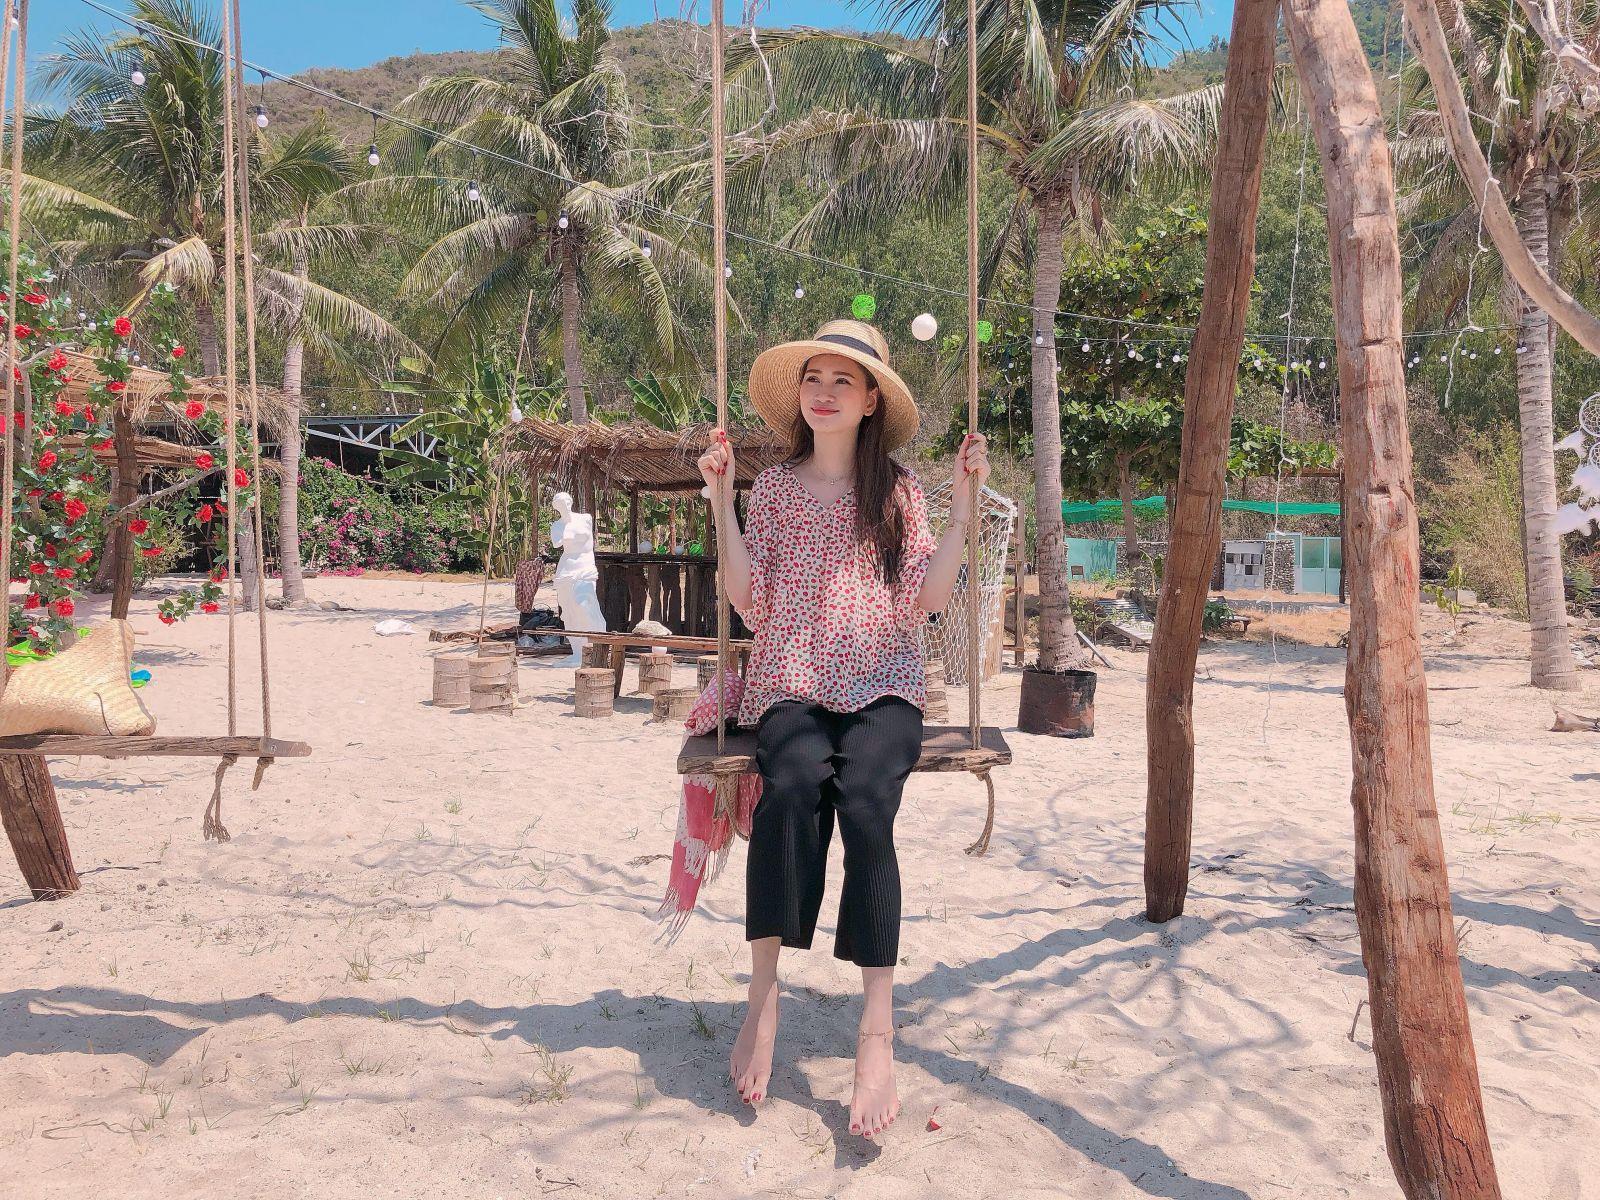 CHECK IN với với võng đẹp mê hồn giữa biển tại Đảo Tình Yêu 3